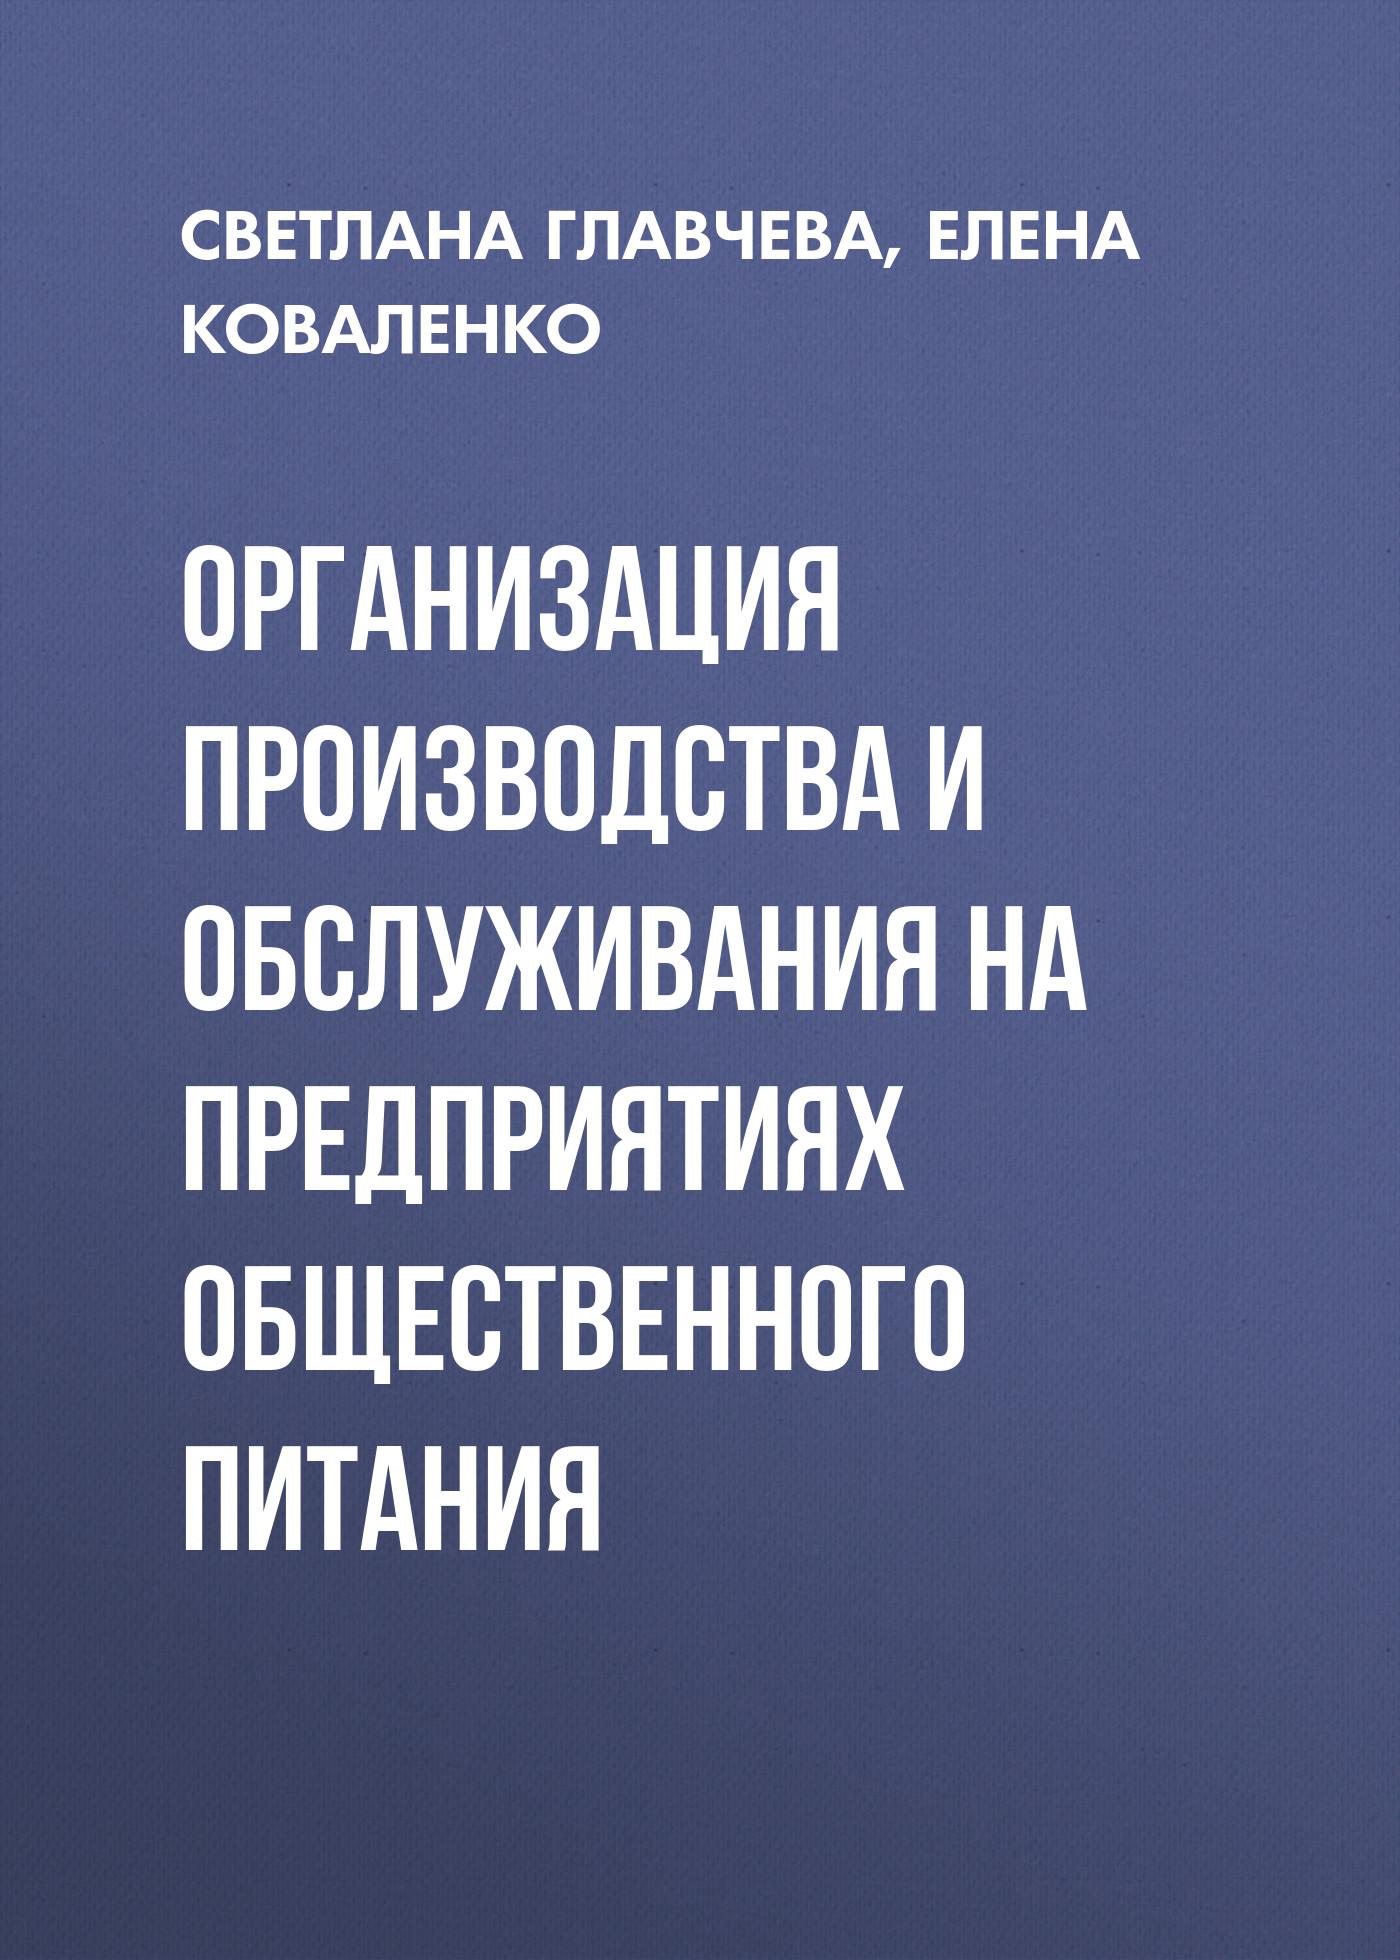 Елена Коваленко Организация производства и обслуживания на предприятиях общественного питания р в ордовский танаевский бланко конкуренция на российском рынке общественного питания